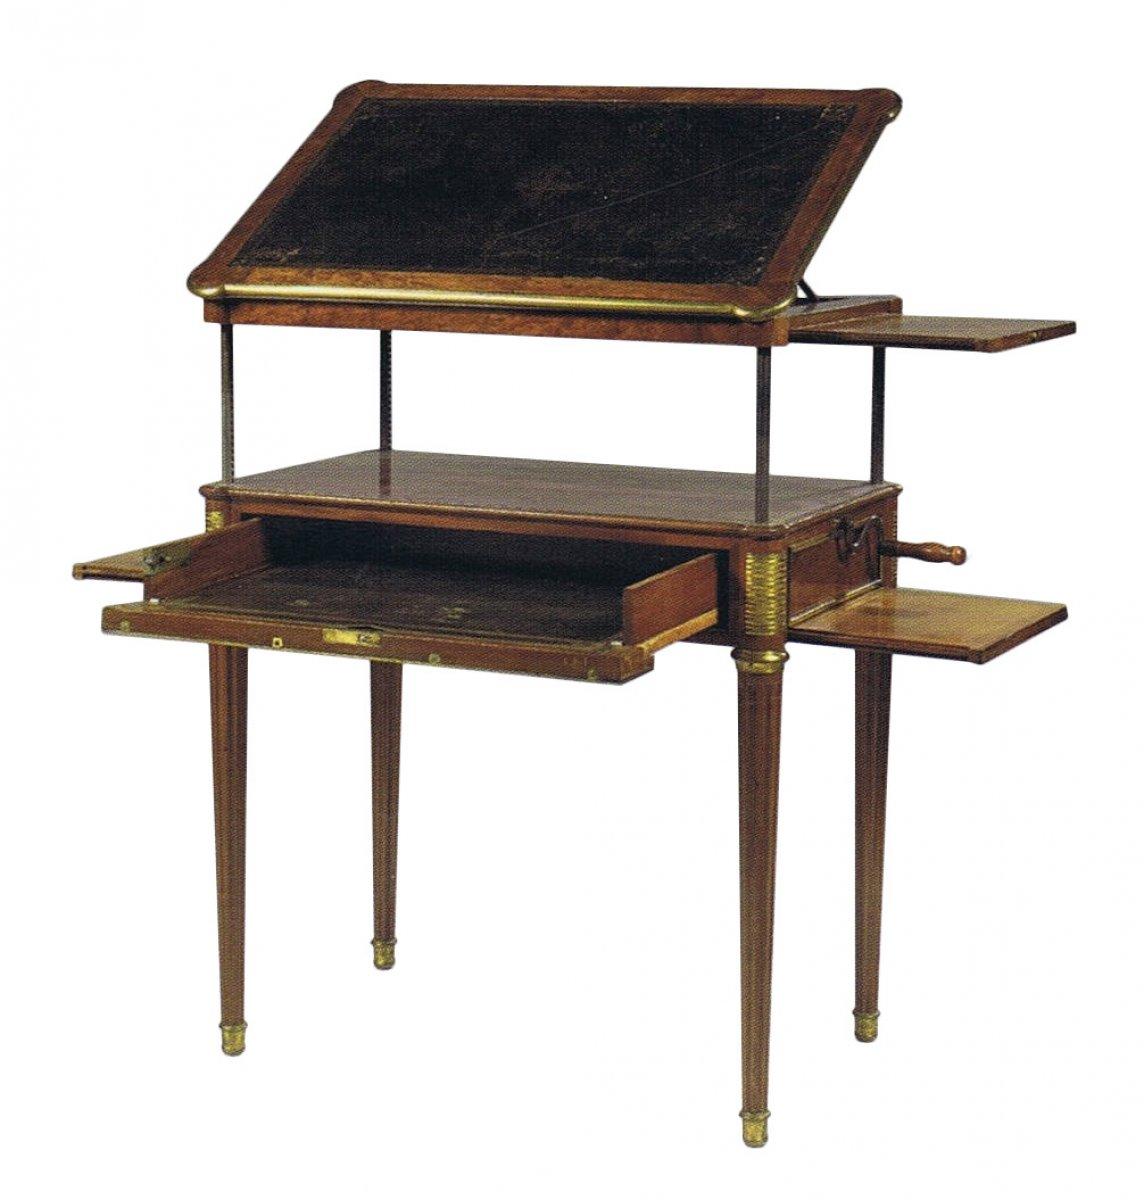 Table d 39 architecte m canisme par adam weisweiler xviiie s - Table d architecte ancienne ...